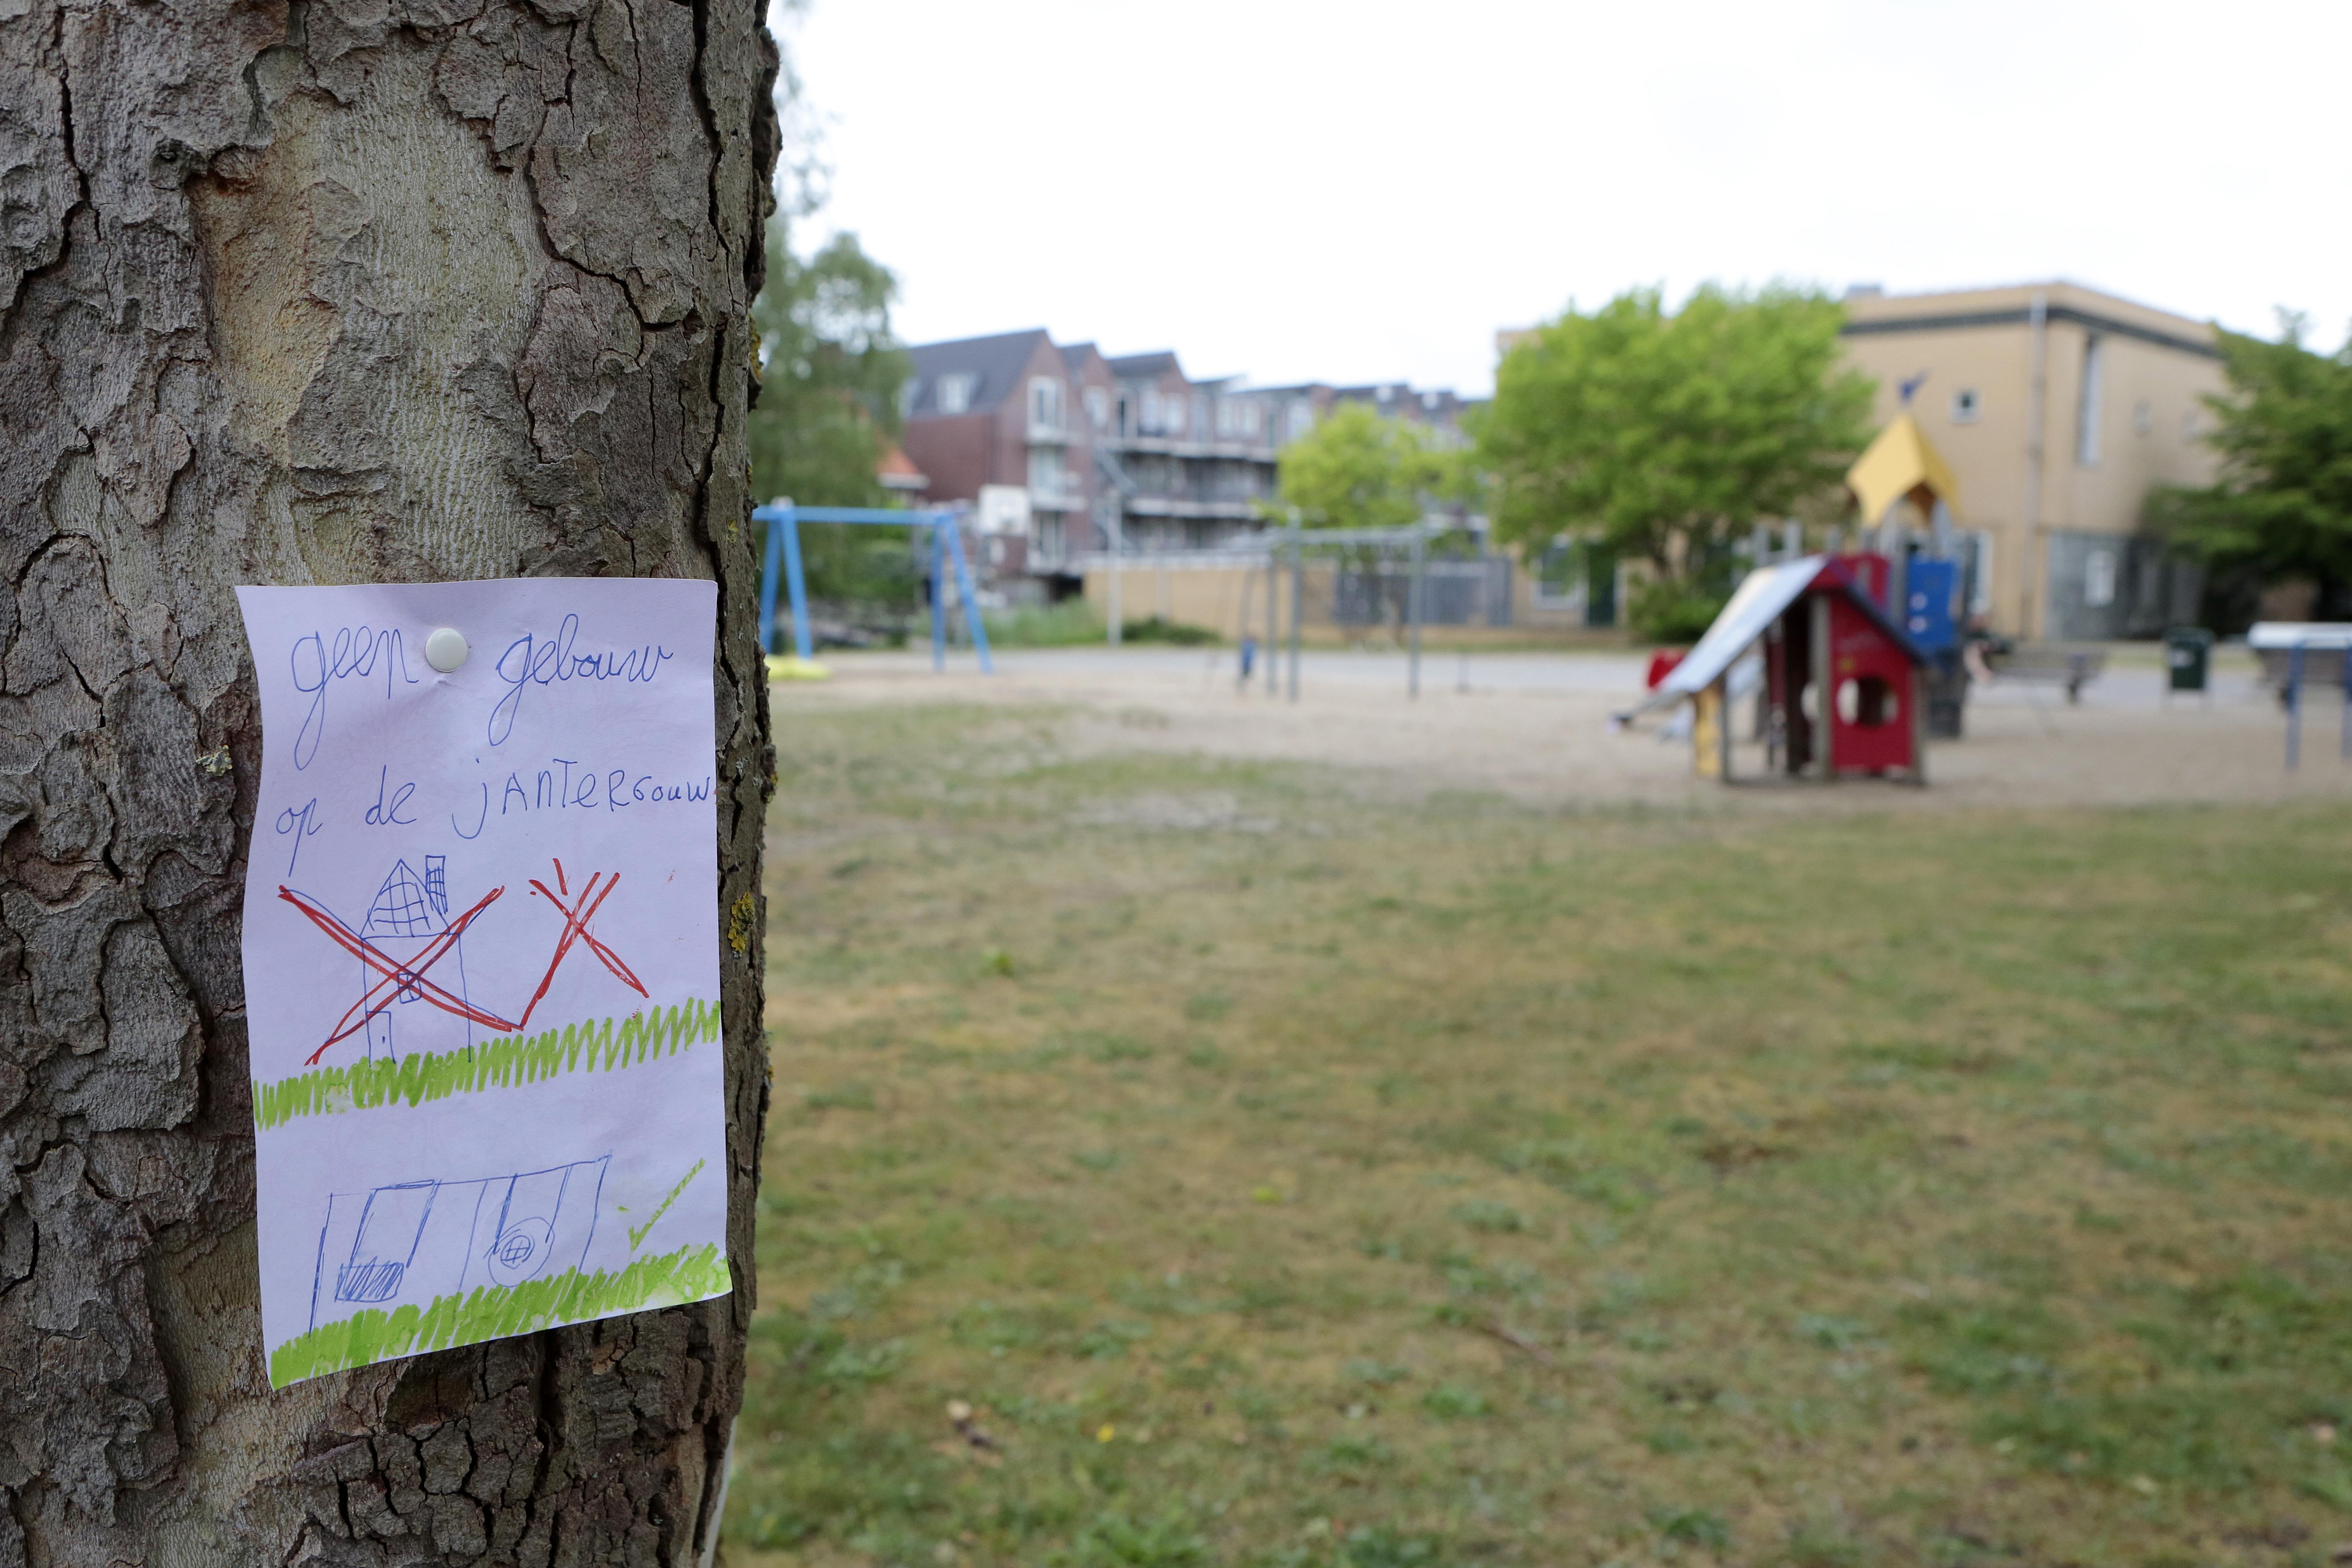 Van 'college goochelt met cijfers' tot 'plan waar iedere buurt jaloers op zal zijn'; Politiek Gooise Meren buitelt over elkaar heen in bouwplan Jan ter Gouwweg